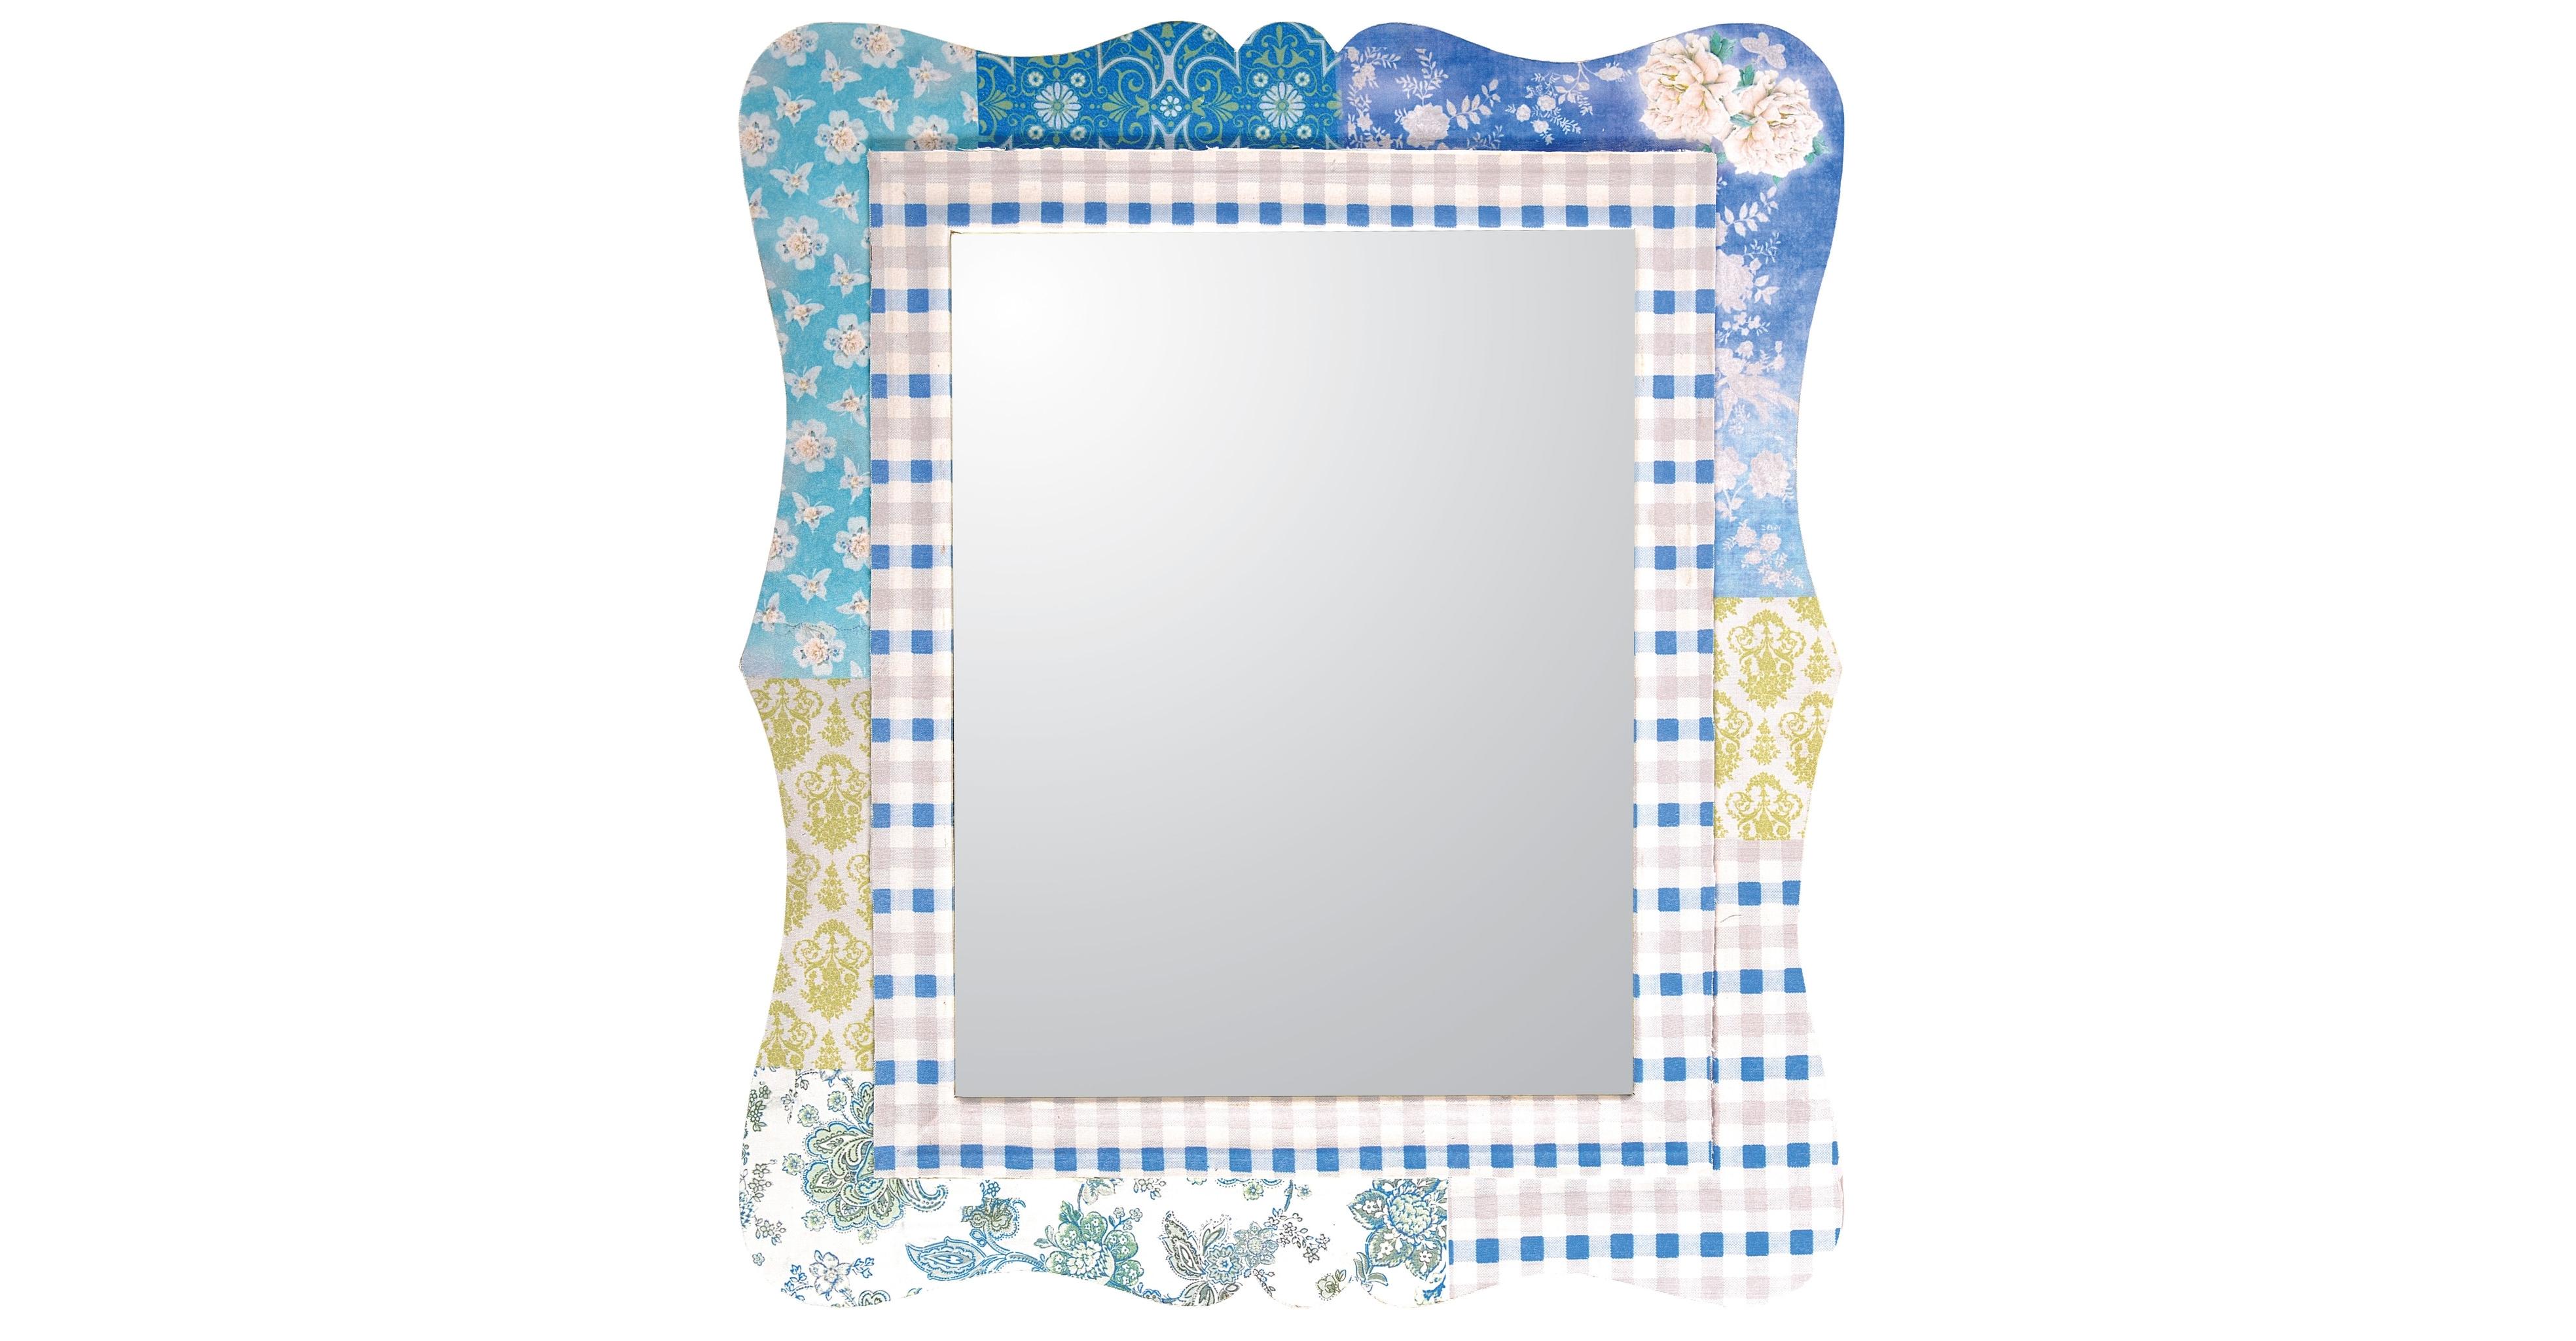 Настенное зеркалоНастенные зеркала<br>Рама этого зеркала представляет собой настоящее произведение искусства. Искусства в стиле пэчворк, предполагающего гармоничное объединение, казалось бы, несочетаемых деталей. Геометричные, растительные и другие принты создают яркое, нетривиальное и притягательное оформление. Сливающееся в романтичный образ, оно идеально подходит для интерьеров в стиле кантри. Домашний уют и очарование винтажа гарантированы!<br><br>Material: Дерево<br>Width см: 64<br>Depth см: 1<br>Height см: 73